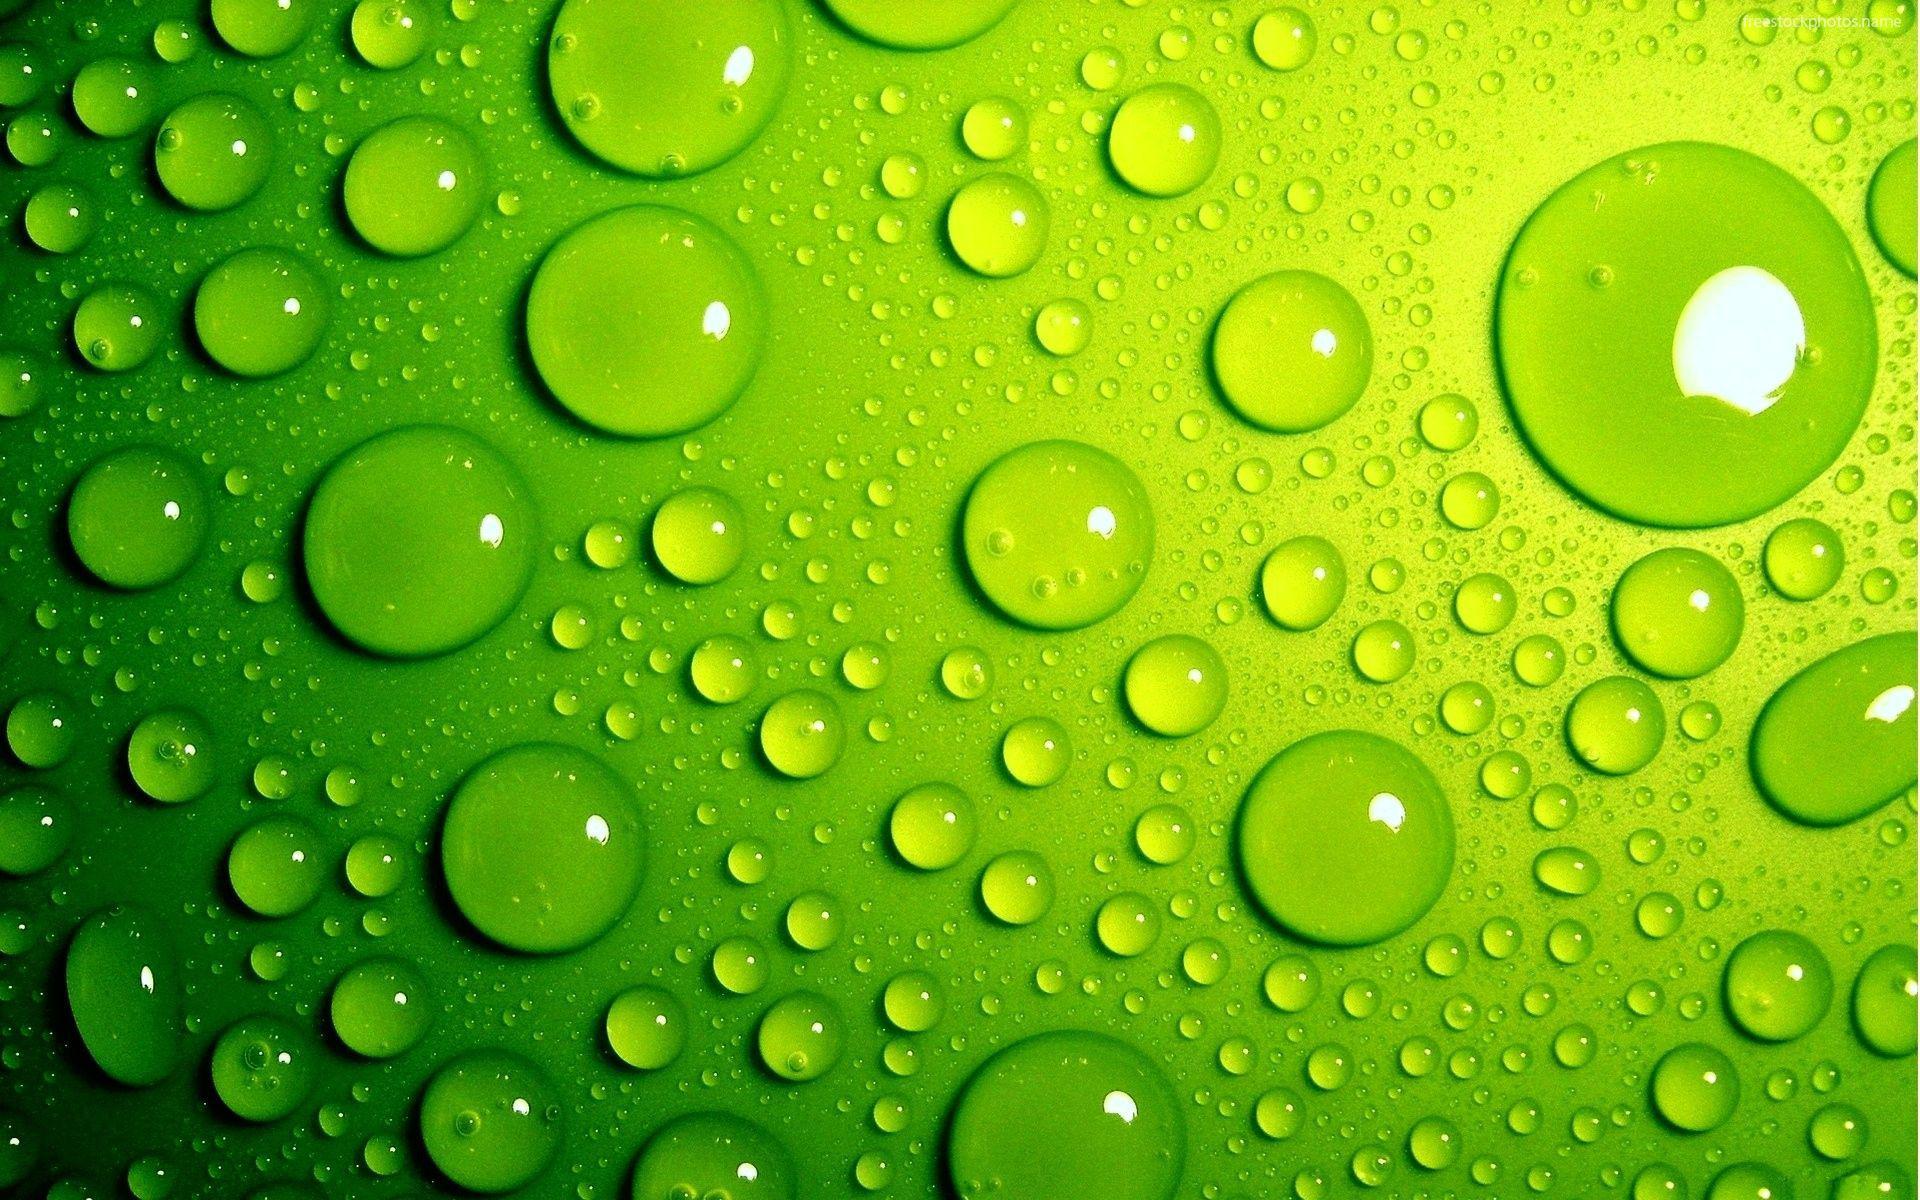 عکس زمینه قطرات آب سبز رنگ سه بعدی پس زمینه